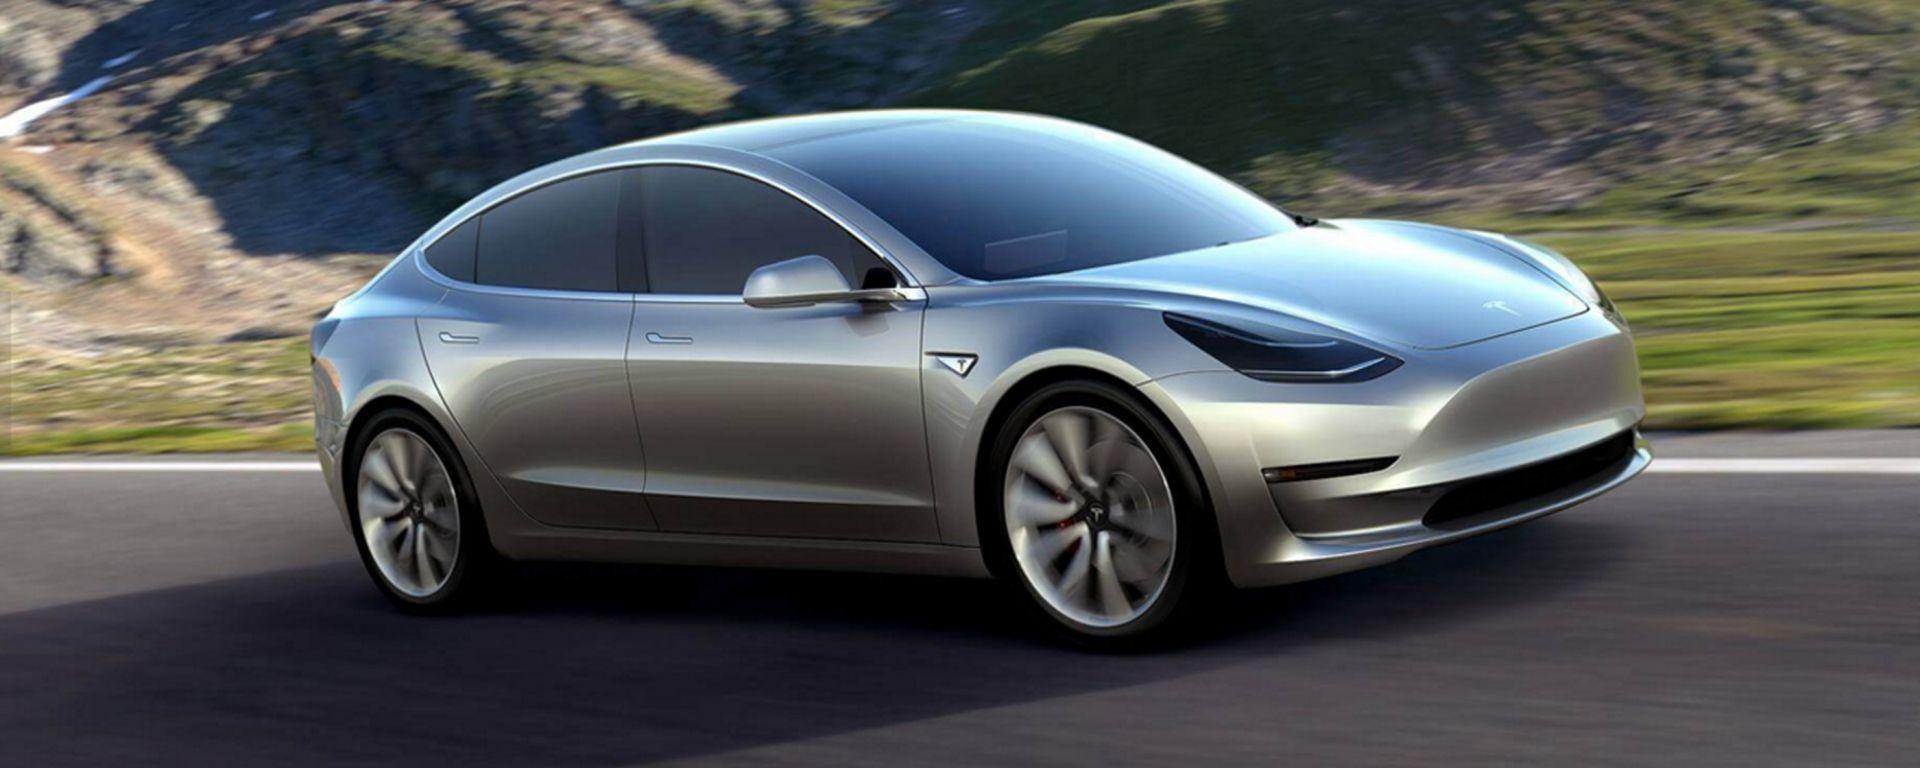 Tesla Model 3: la prossima elettrica di Musk costerà 35.000 dollari